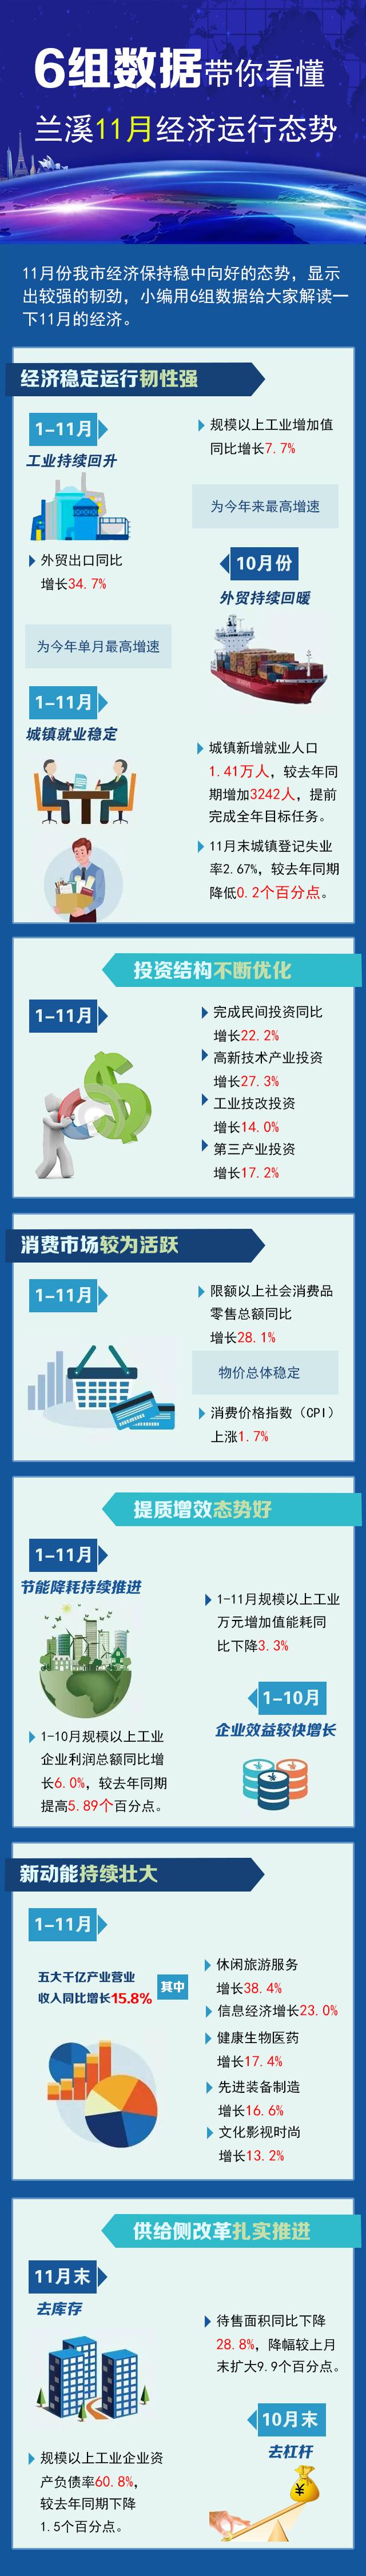 【图解】6组数据带你看懂兰溪11月经济运行态势